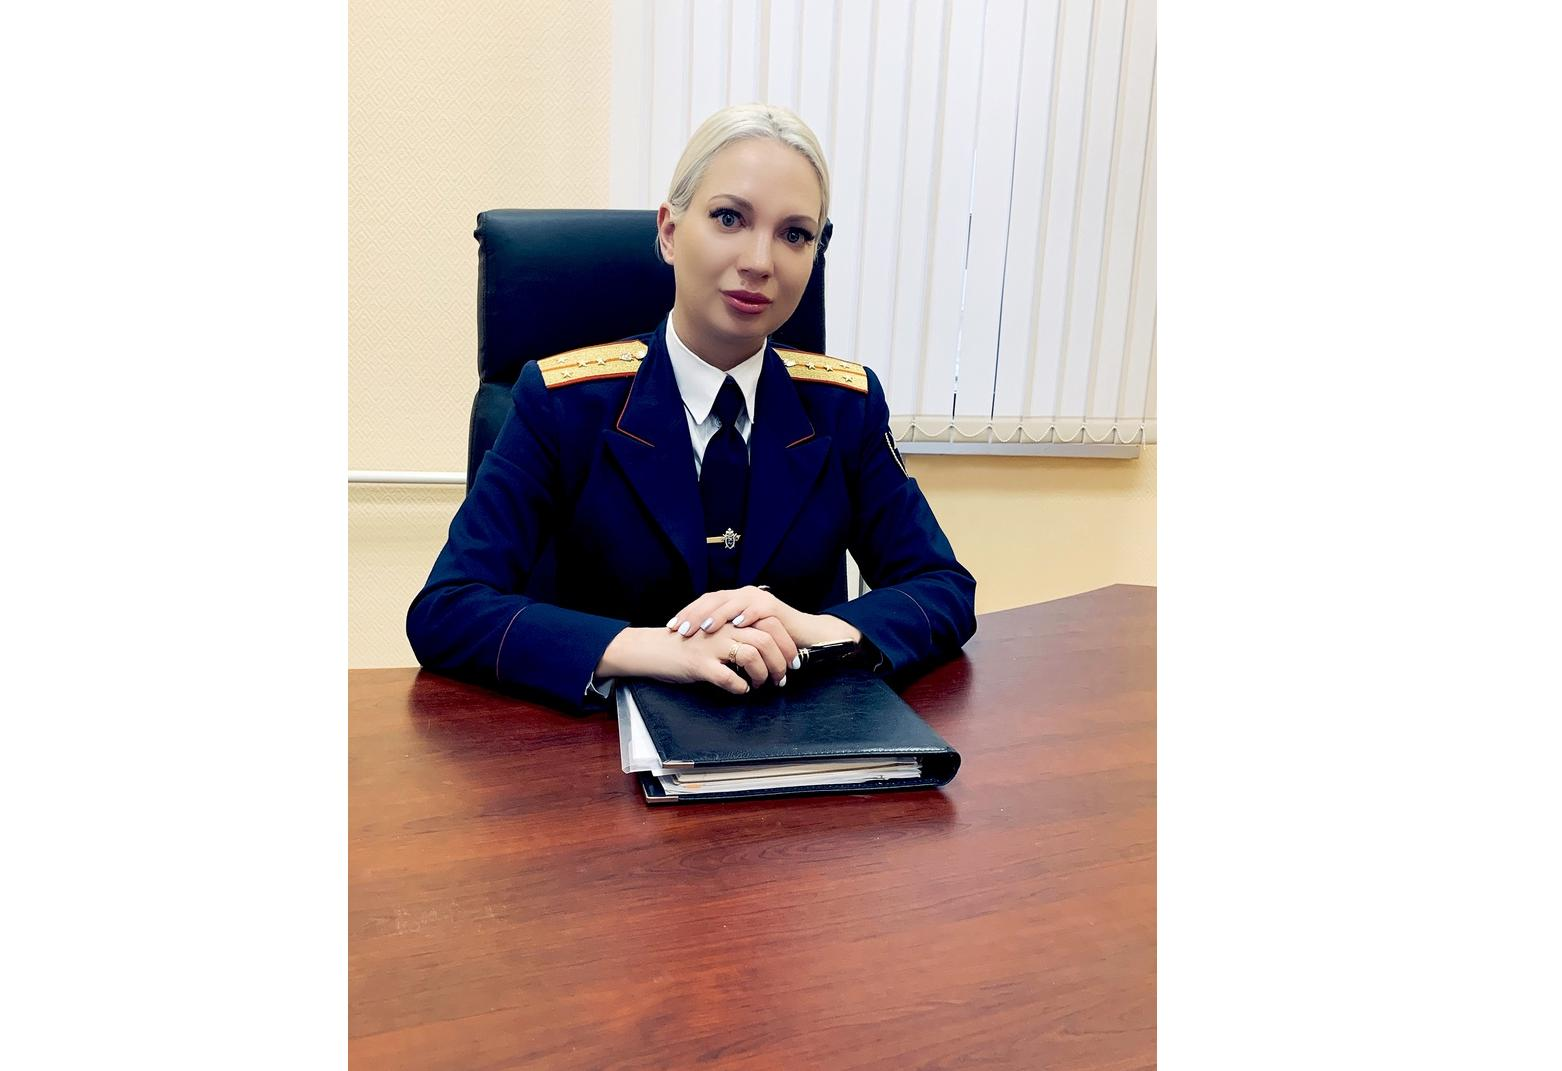 Женское лицо следкома. Руководитель отдела кадров рассказала, как стать следователем